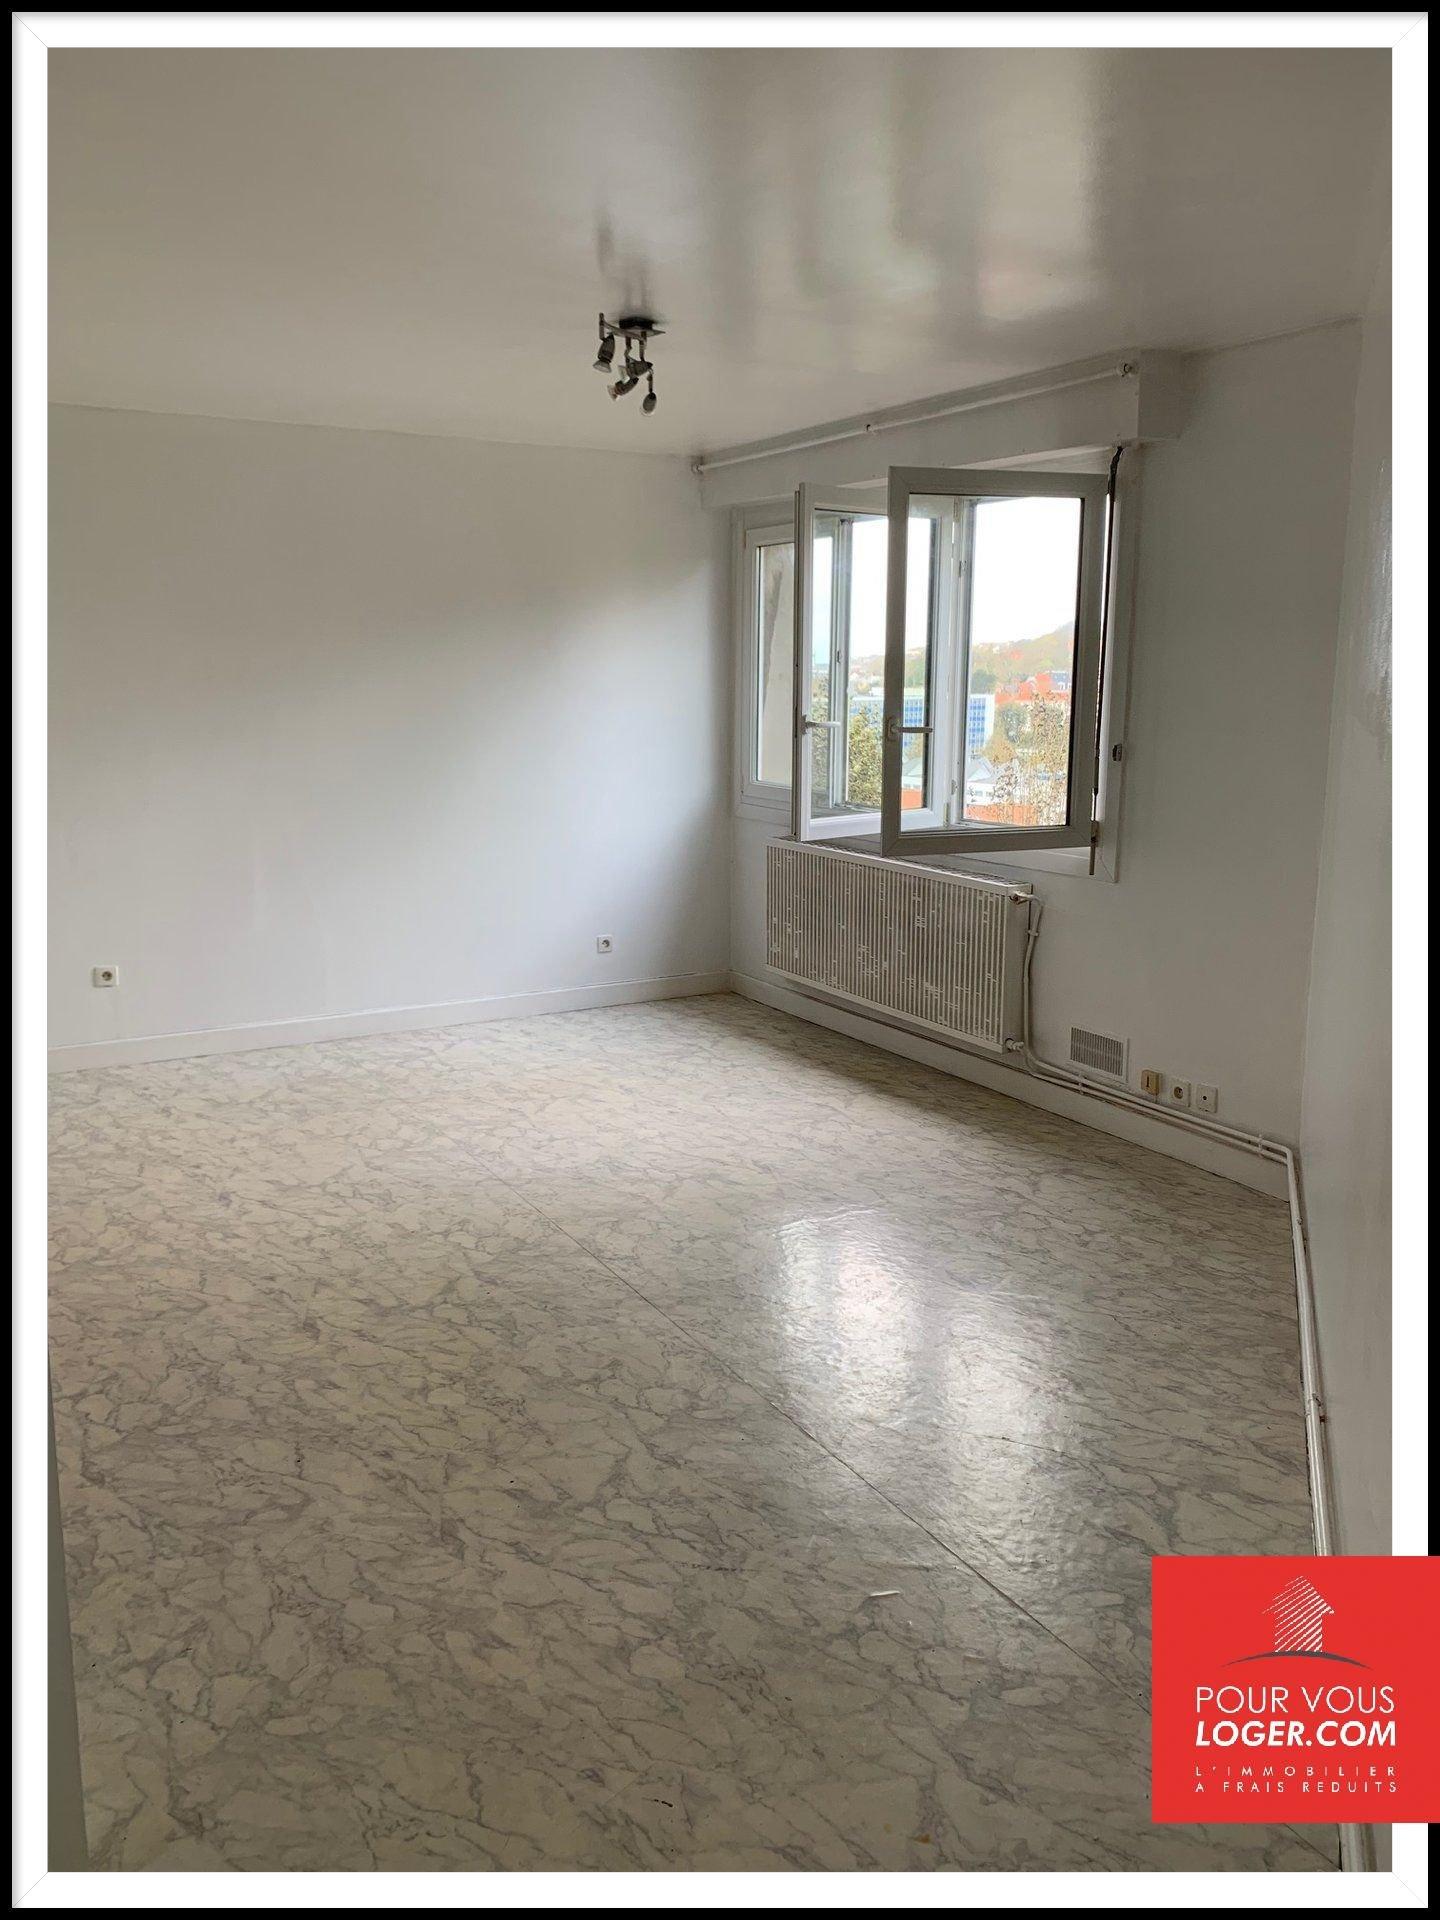 Appartement une chambre avec parking privé et cave en résidence au premier étage sans travaux